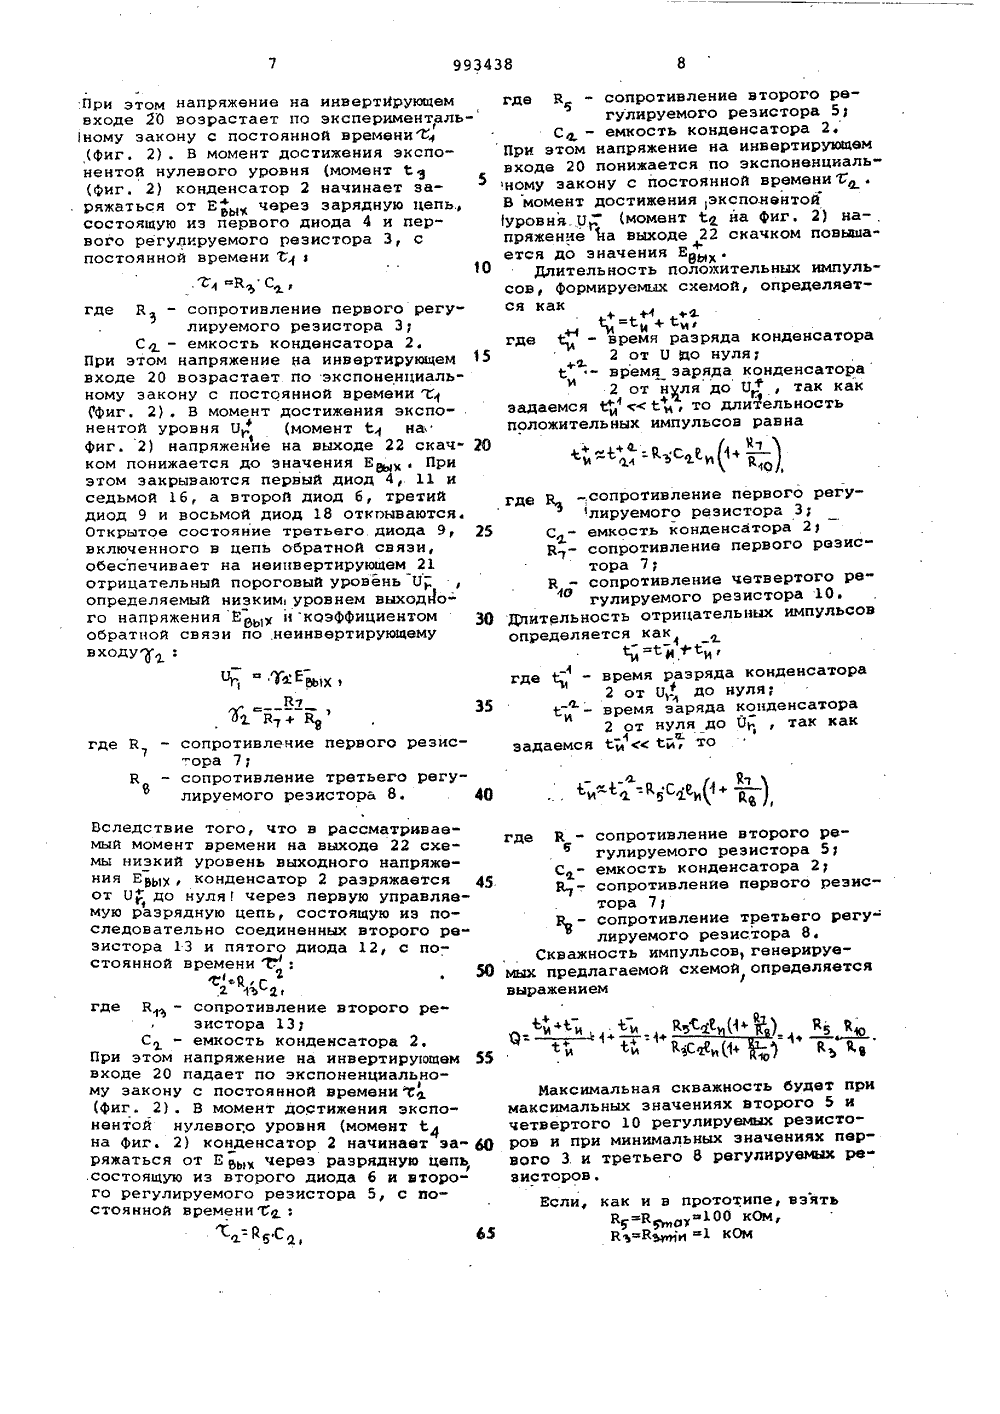 схема генератора с регулируемой частотой и скважностью